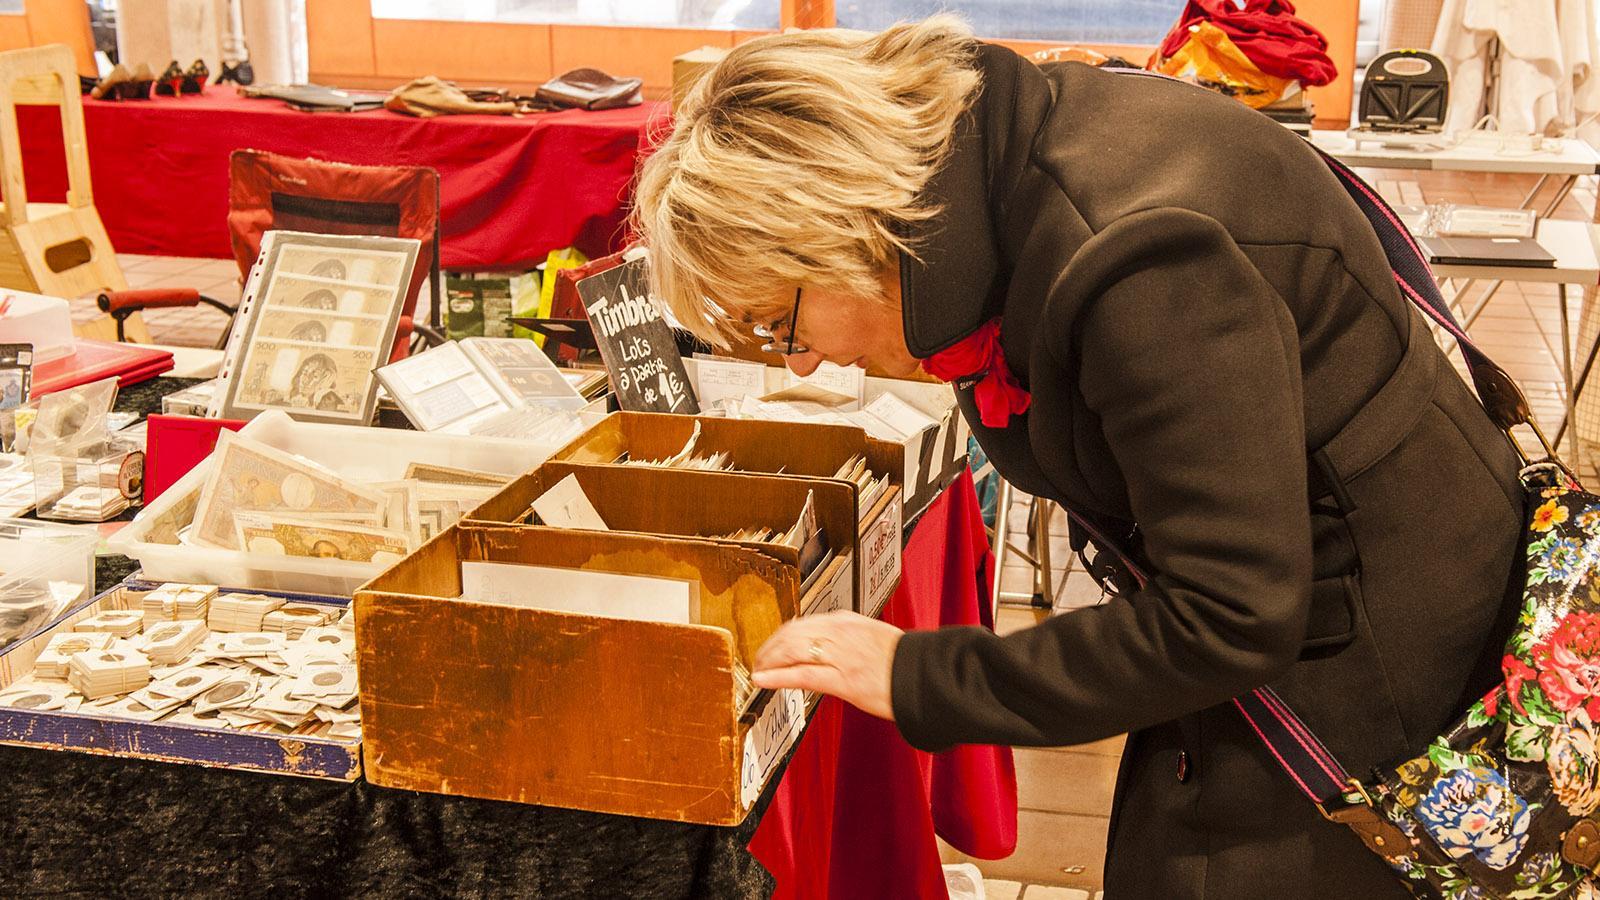 Auf den Spuren von Commissaire Duval. Christine Cazon lässt sich gerne von den Trödlern des Marché Forville inspirieren. Foto: Hilke Maunder